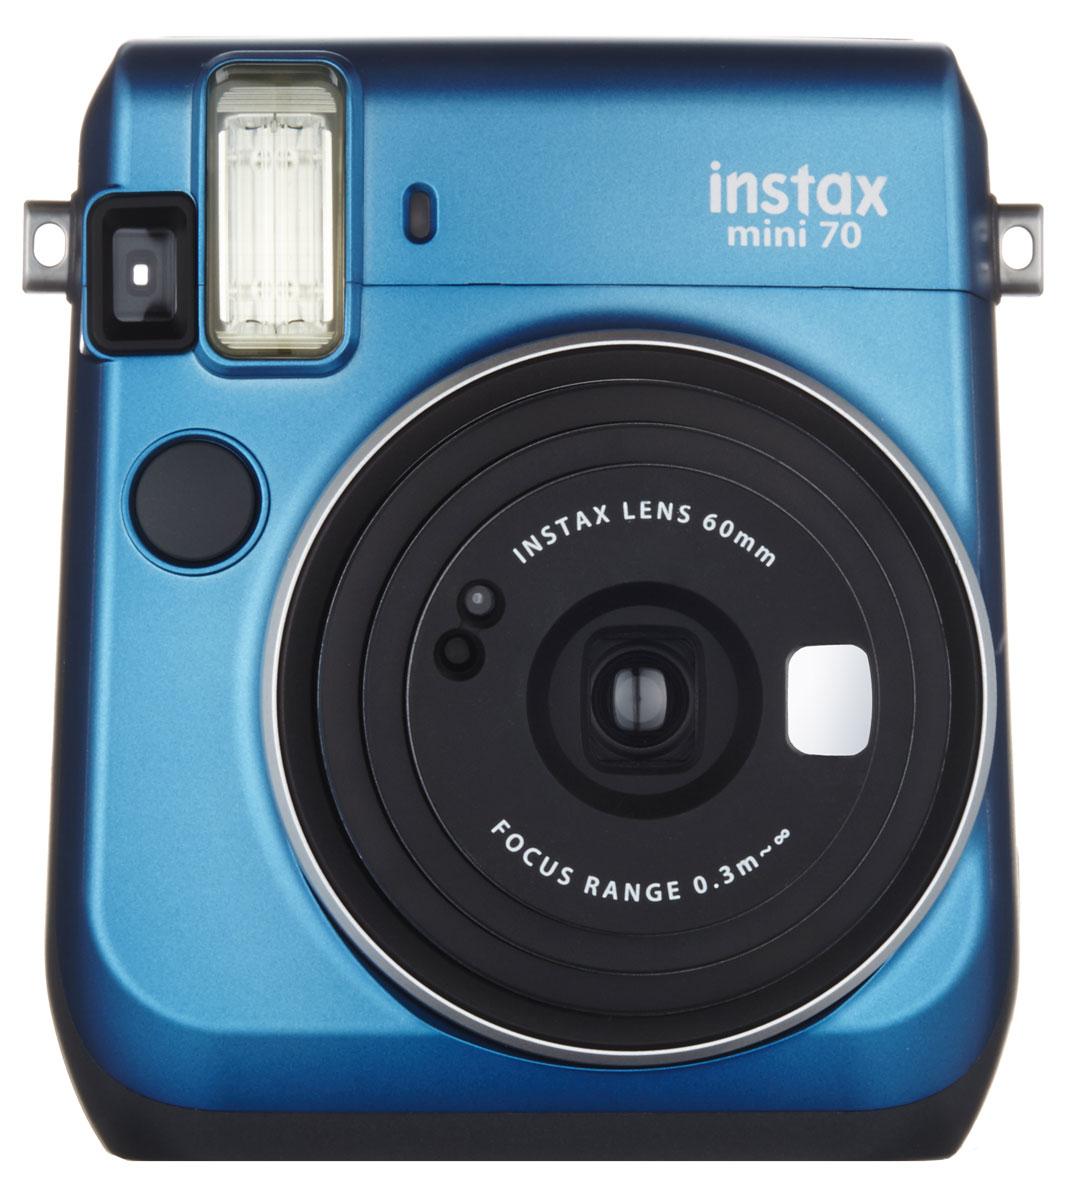 Fujifilm Instax Mini 70, Blue фотокамера мгновенной печатиINSTAX MINI 70С камерой Fujifilm Instax Mini 70 вы превратите серые будни в особенные дни, наполненные улыбками. Чтобы проводить время весело, всегда и везде берите с собой этот стильный фотоаппарат.Главной особенностью камеры является функция автоматического контроля экспозиции, которая позволяет запечатлеть, как объект съемки, так и фон в их естественной освещенности. Помимо этого Instax Mini 70 может похвастаться отдельным режимом съемки для создания cелфи.Использование режима selfie обеспечивает оптимальную яркость и расстояние для съемки автопортретов. Вы также можете проверить кадрирование в специальном зеркальце рядом с объективом.Высокопроизводительная вспышка автоматически определяет яркость окружающего освещения и устанавливает оптимальную выдержку - специальные настройки не требуются!С помощью функции Hi-Key можно запечатлеть яркие, красивые тона кожи. Также имеются режимы для съемки макро и пейзажей. Для максимального удобства также предусмотрена заполняющая вспышка и стандартное штативное гнездо.Используемая фотопленка: Fujifilm Instax MiniРазмер фотографии: 62 х 46 ммУправление экспозицией: автоматическоеКоррекция экспозиции: ±2/3 EVПитание: CR2/DL CR2 х 2Ресурс батарей: 30 упаковок фотобумаги (по результатам исследований Fujifilm)